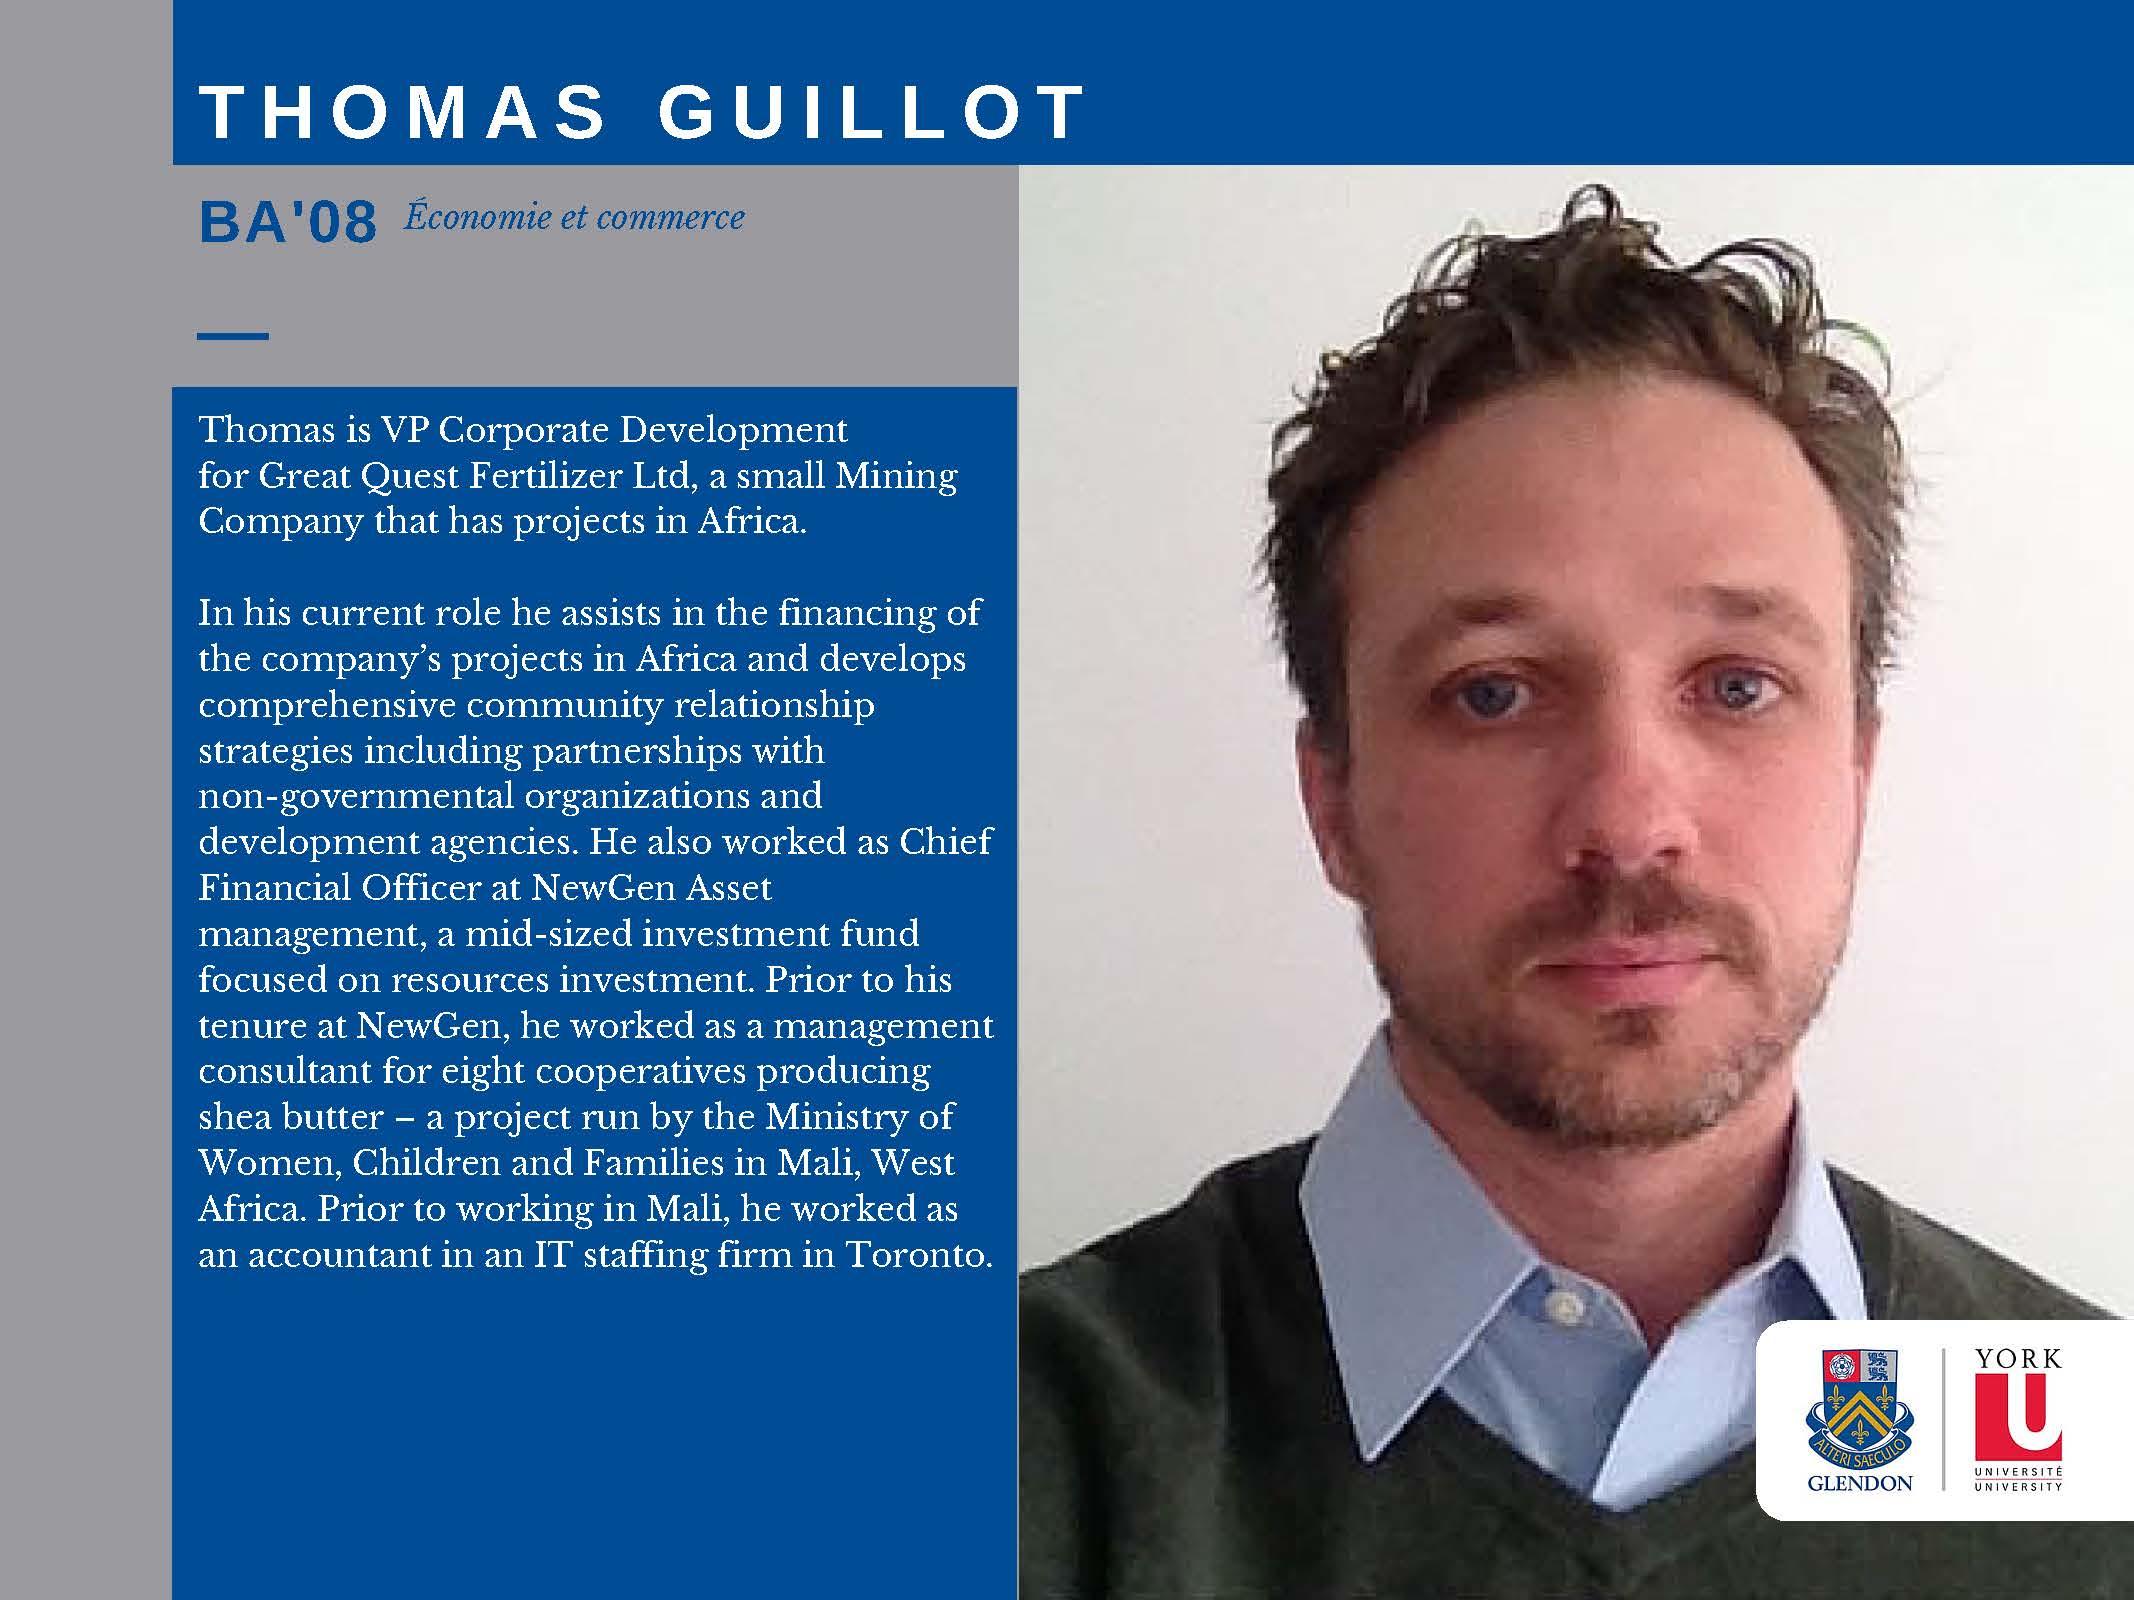 Thomas Guillot